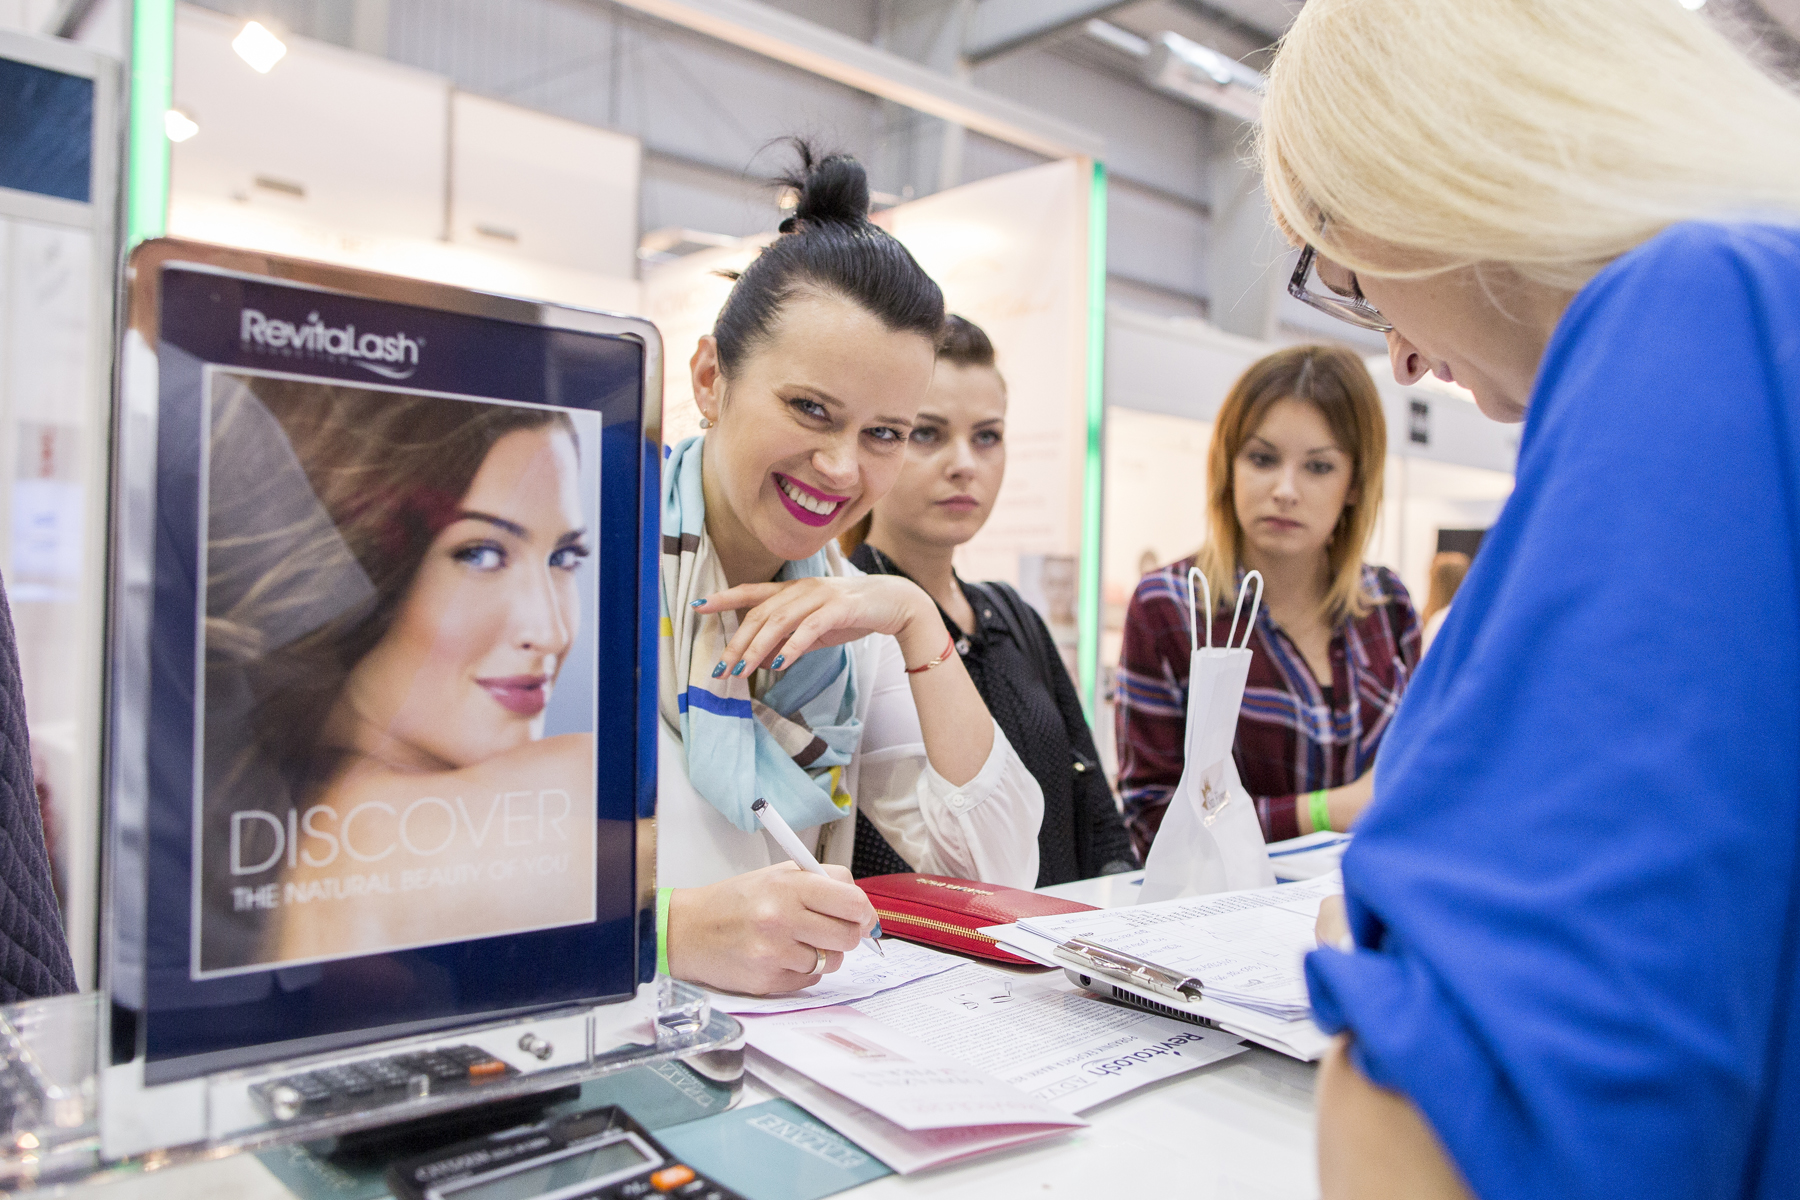 fotoreportaż_z_targów_i_eventów_-_branża_kosmetyczna_017